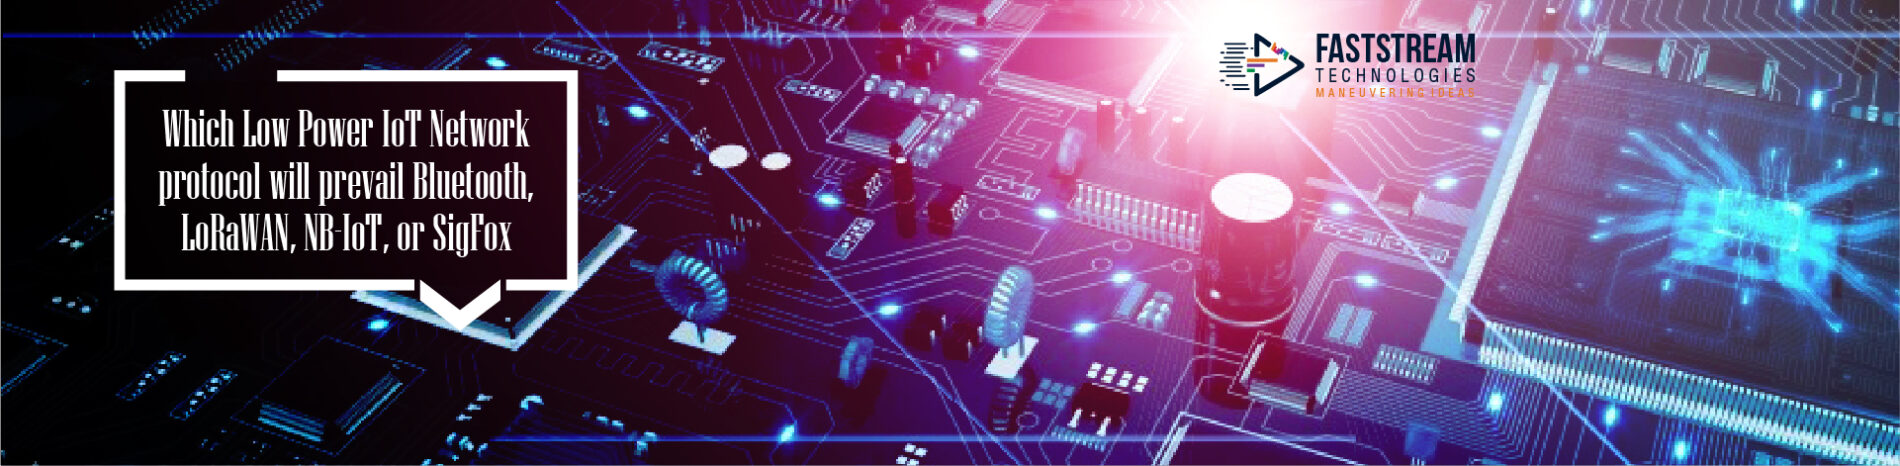 LoRaWAN vs NB-IoT vs SigFox